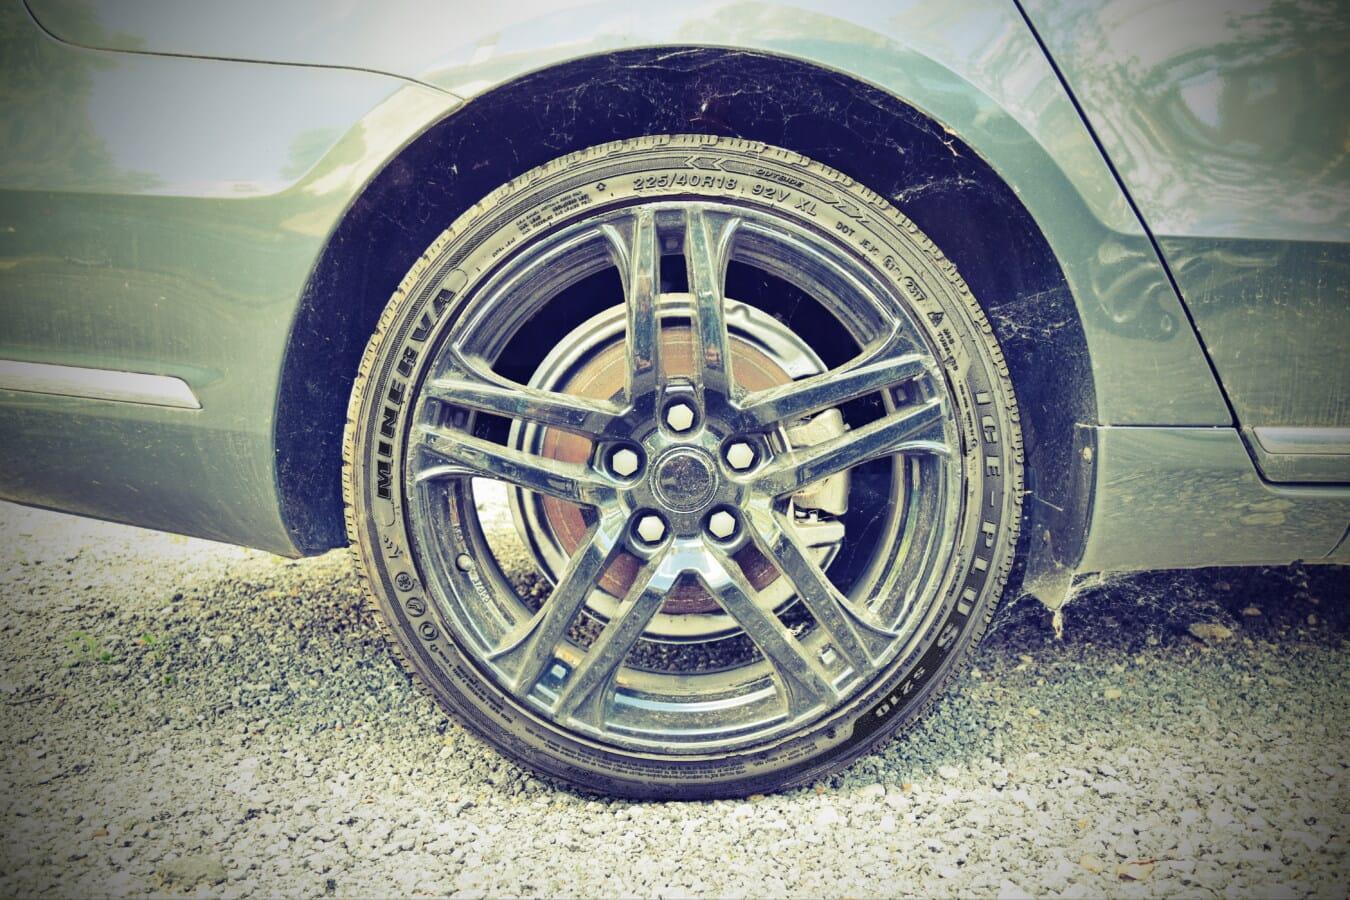 coche de los deportes, aluminio, borde, neumático, asfalto, coche, máquina, rueda, vehículo, automoción